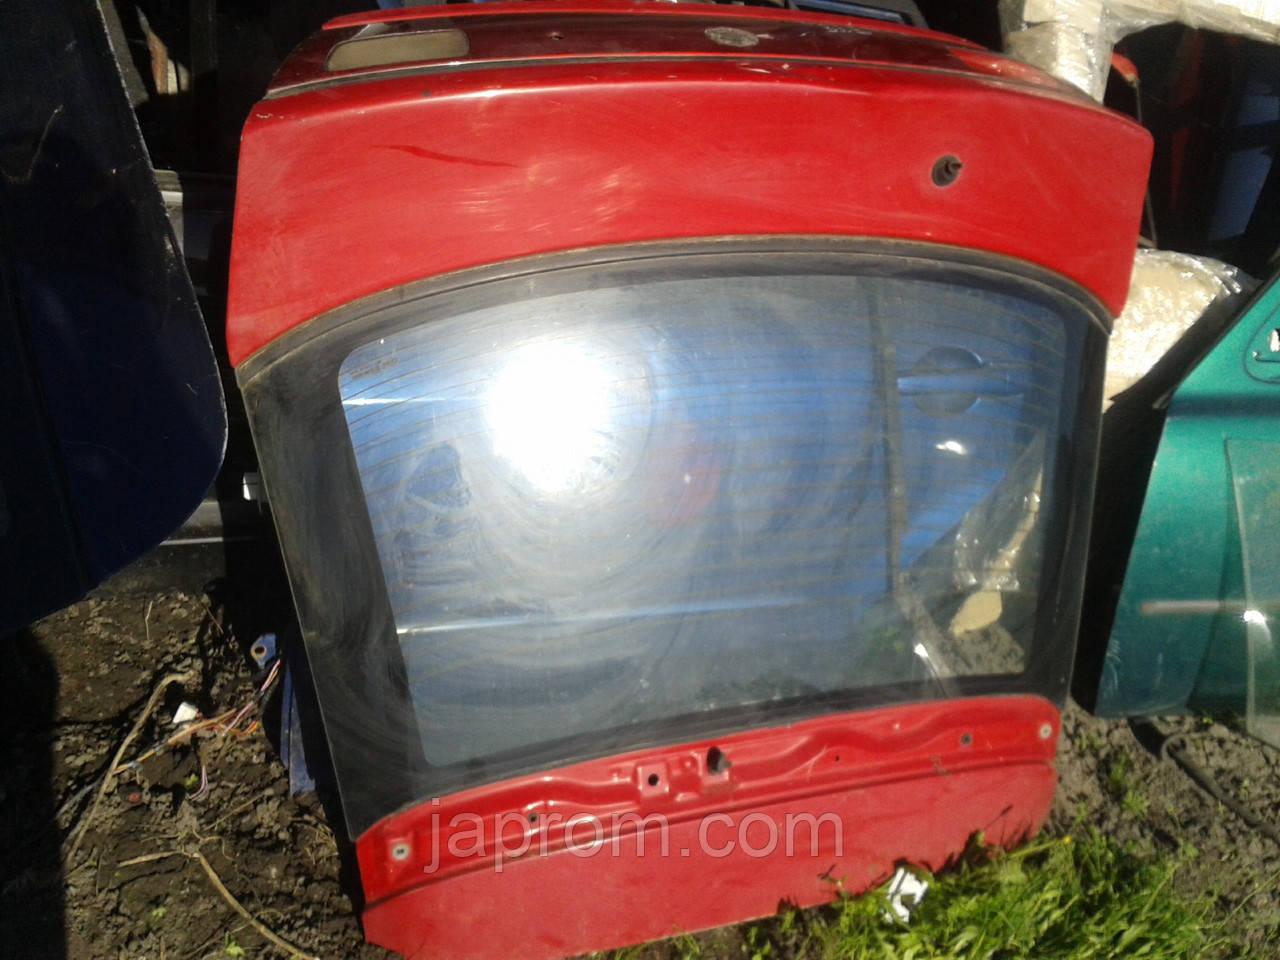 Крышка багажника со стеклом Mazda 323 F BA 1994-1997г.в. 5дв красная